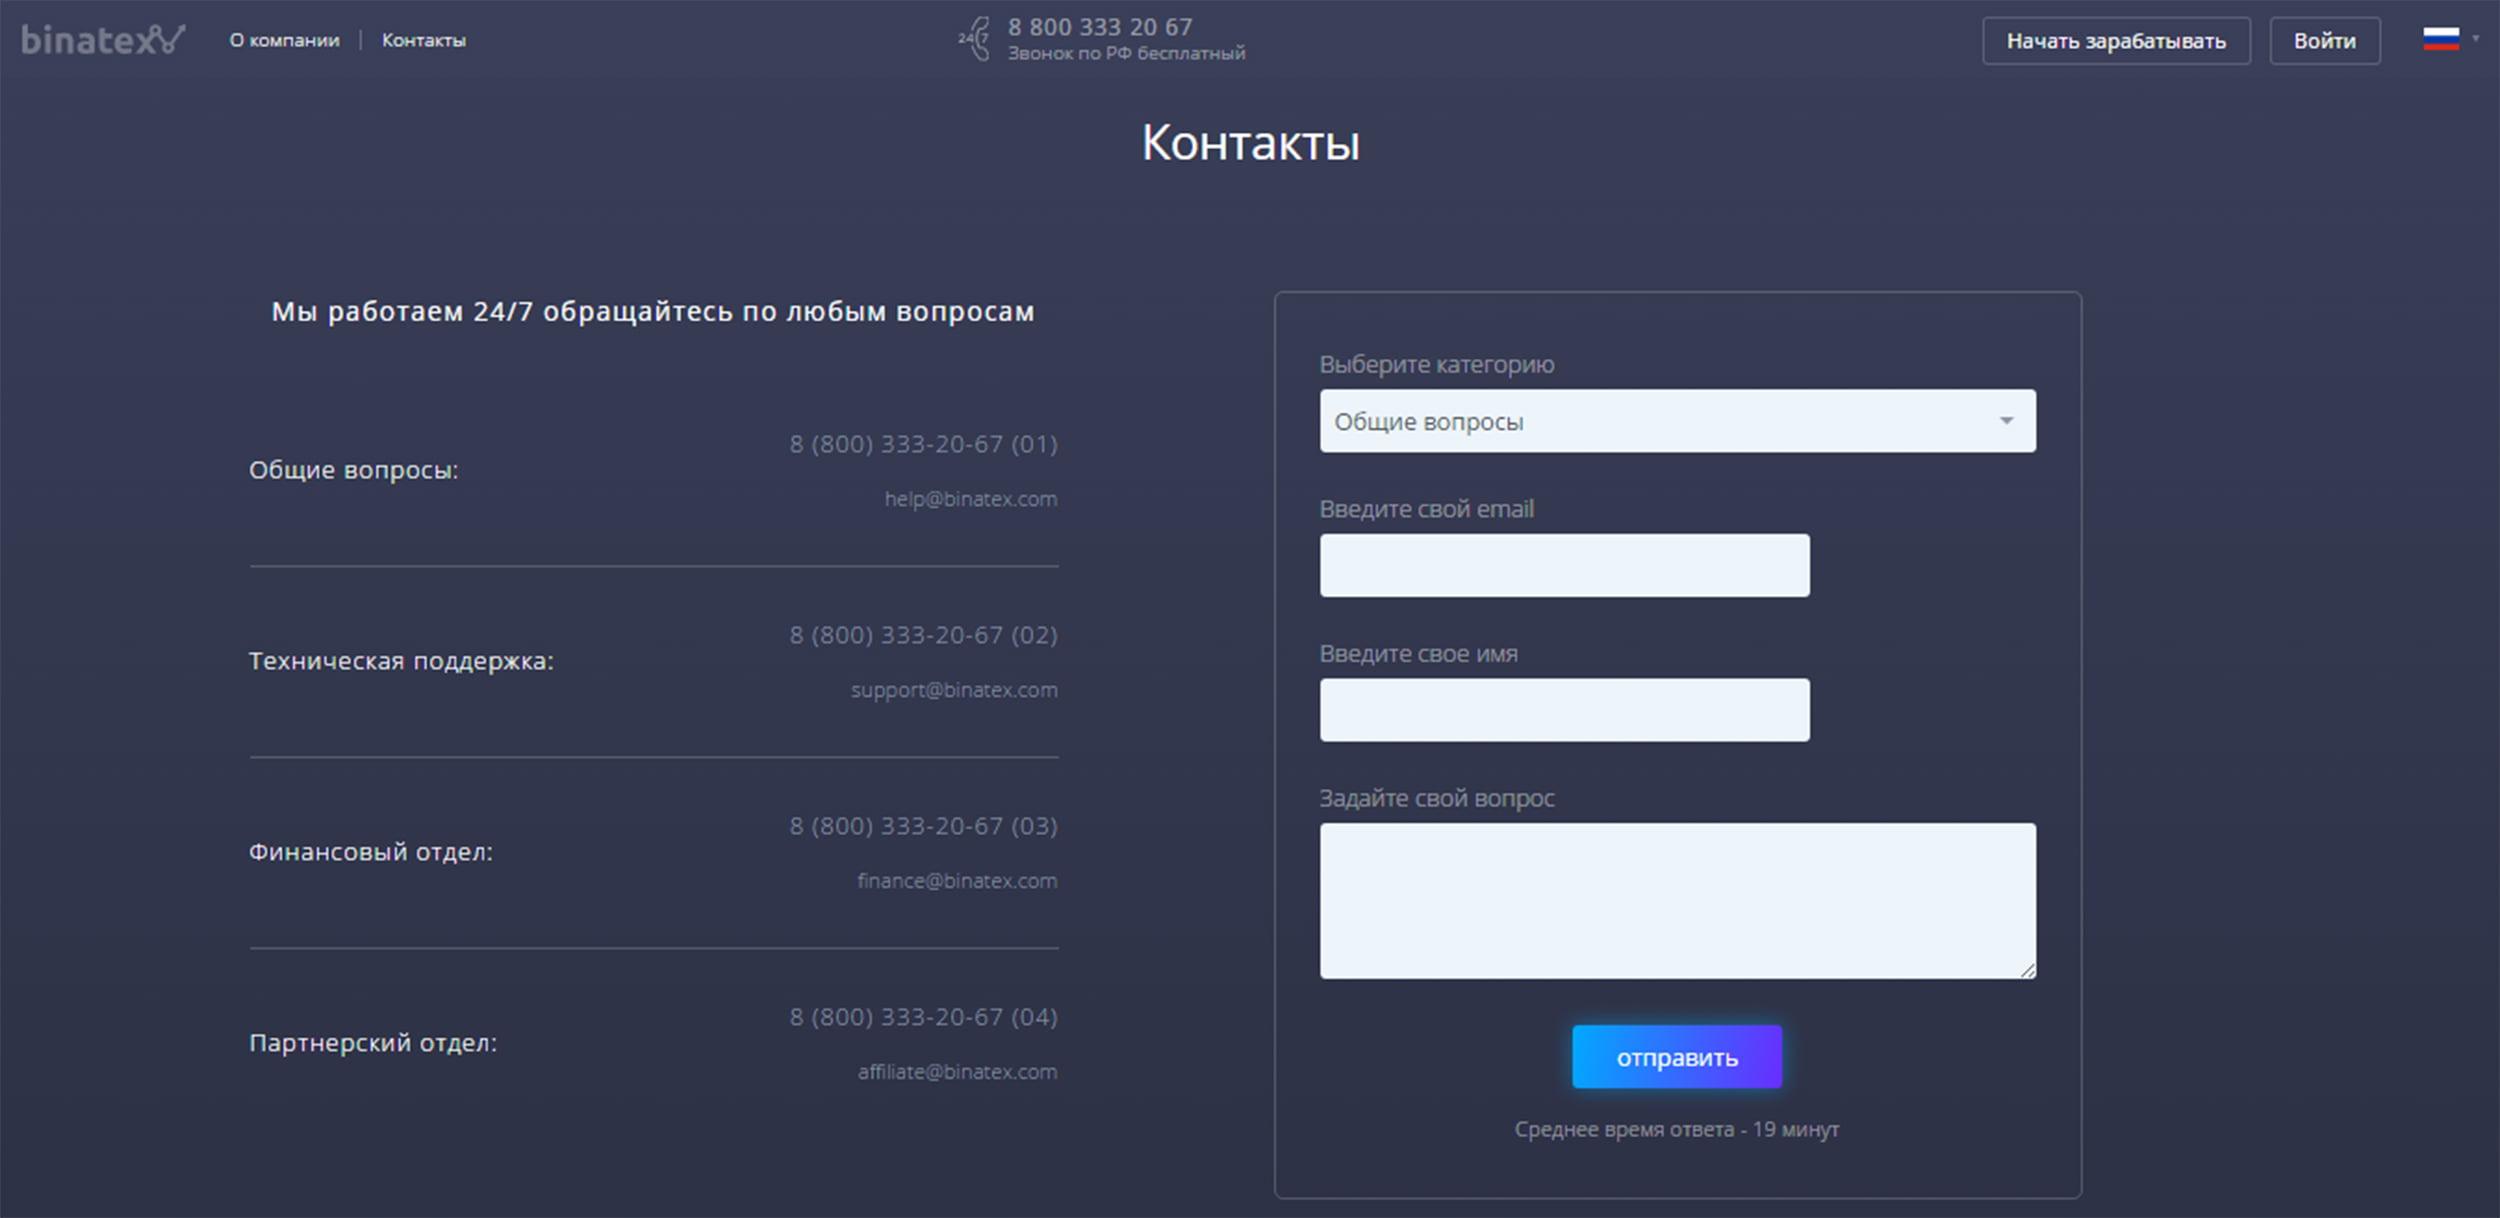 доступна ли платформа Binatex для андроид?